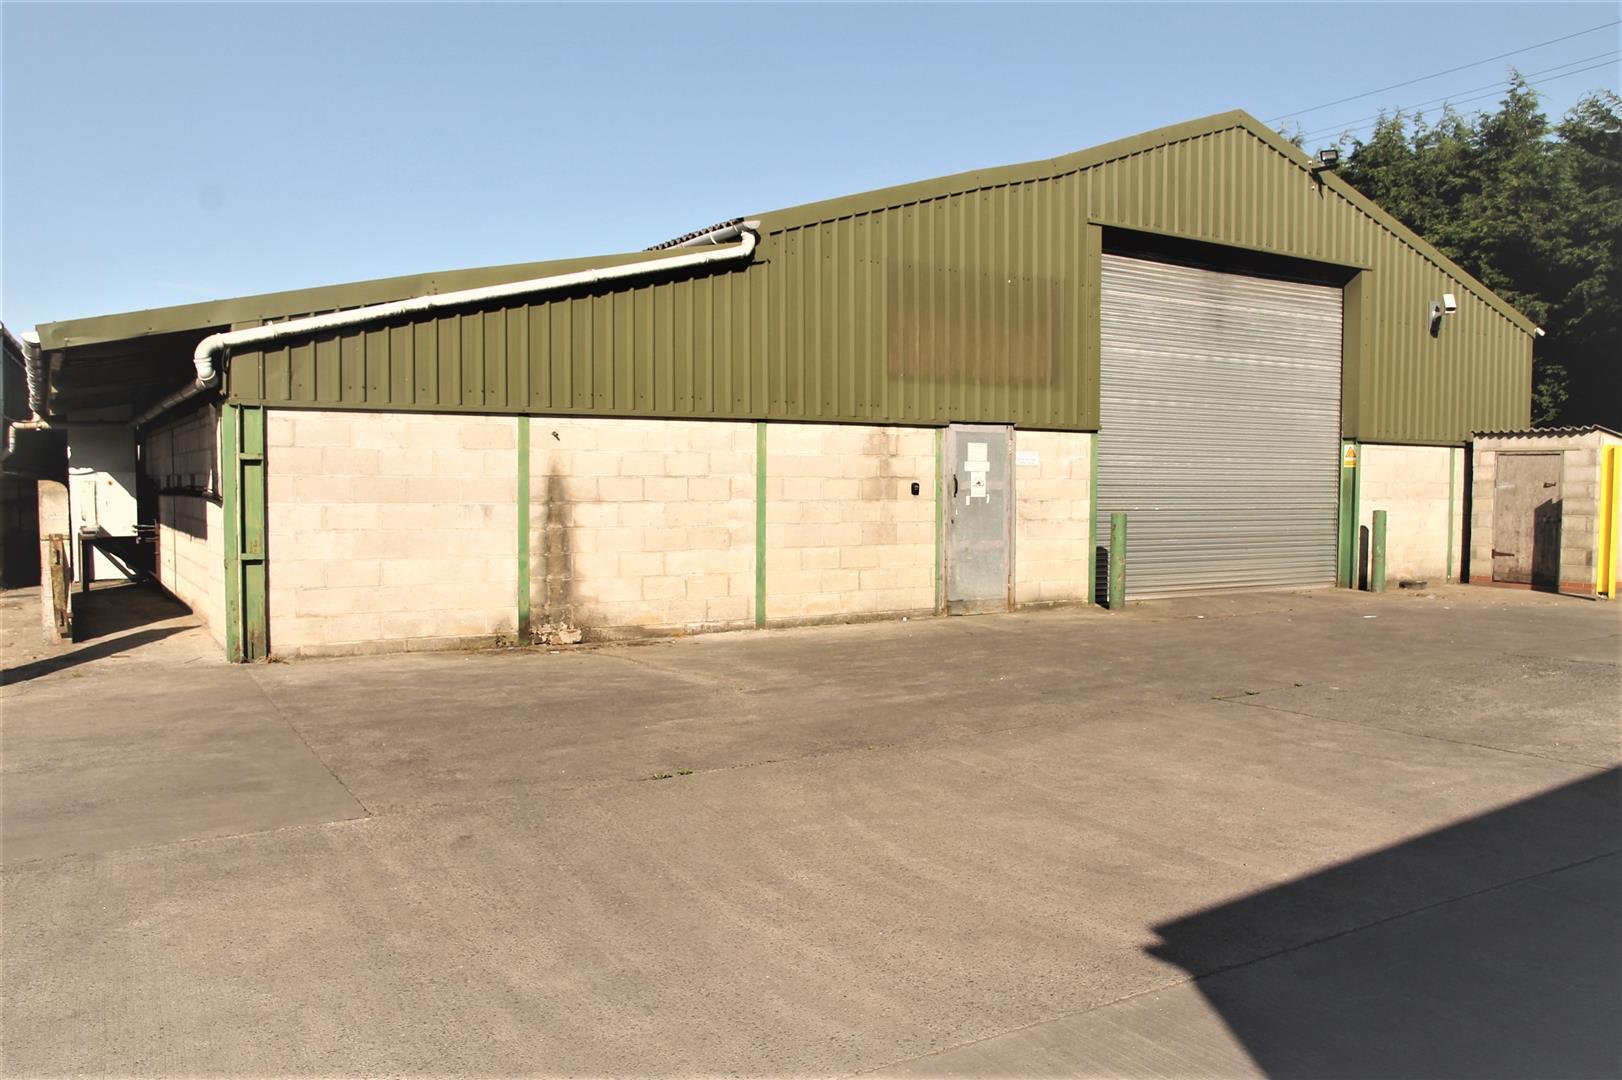 Unit 4, Unit 4, Hunsdale Farm, Brough Road, South Cave, Brough, HU15 2DB